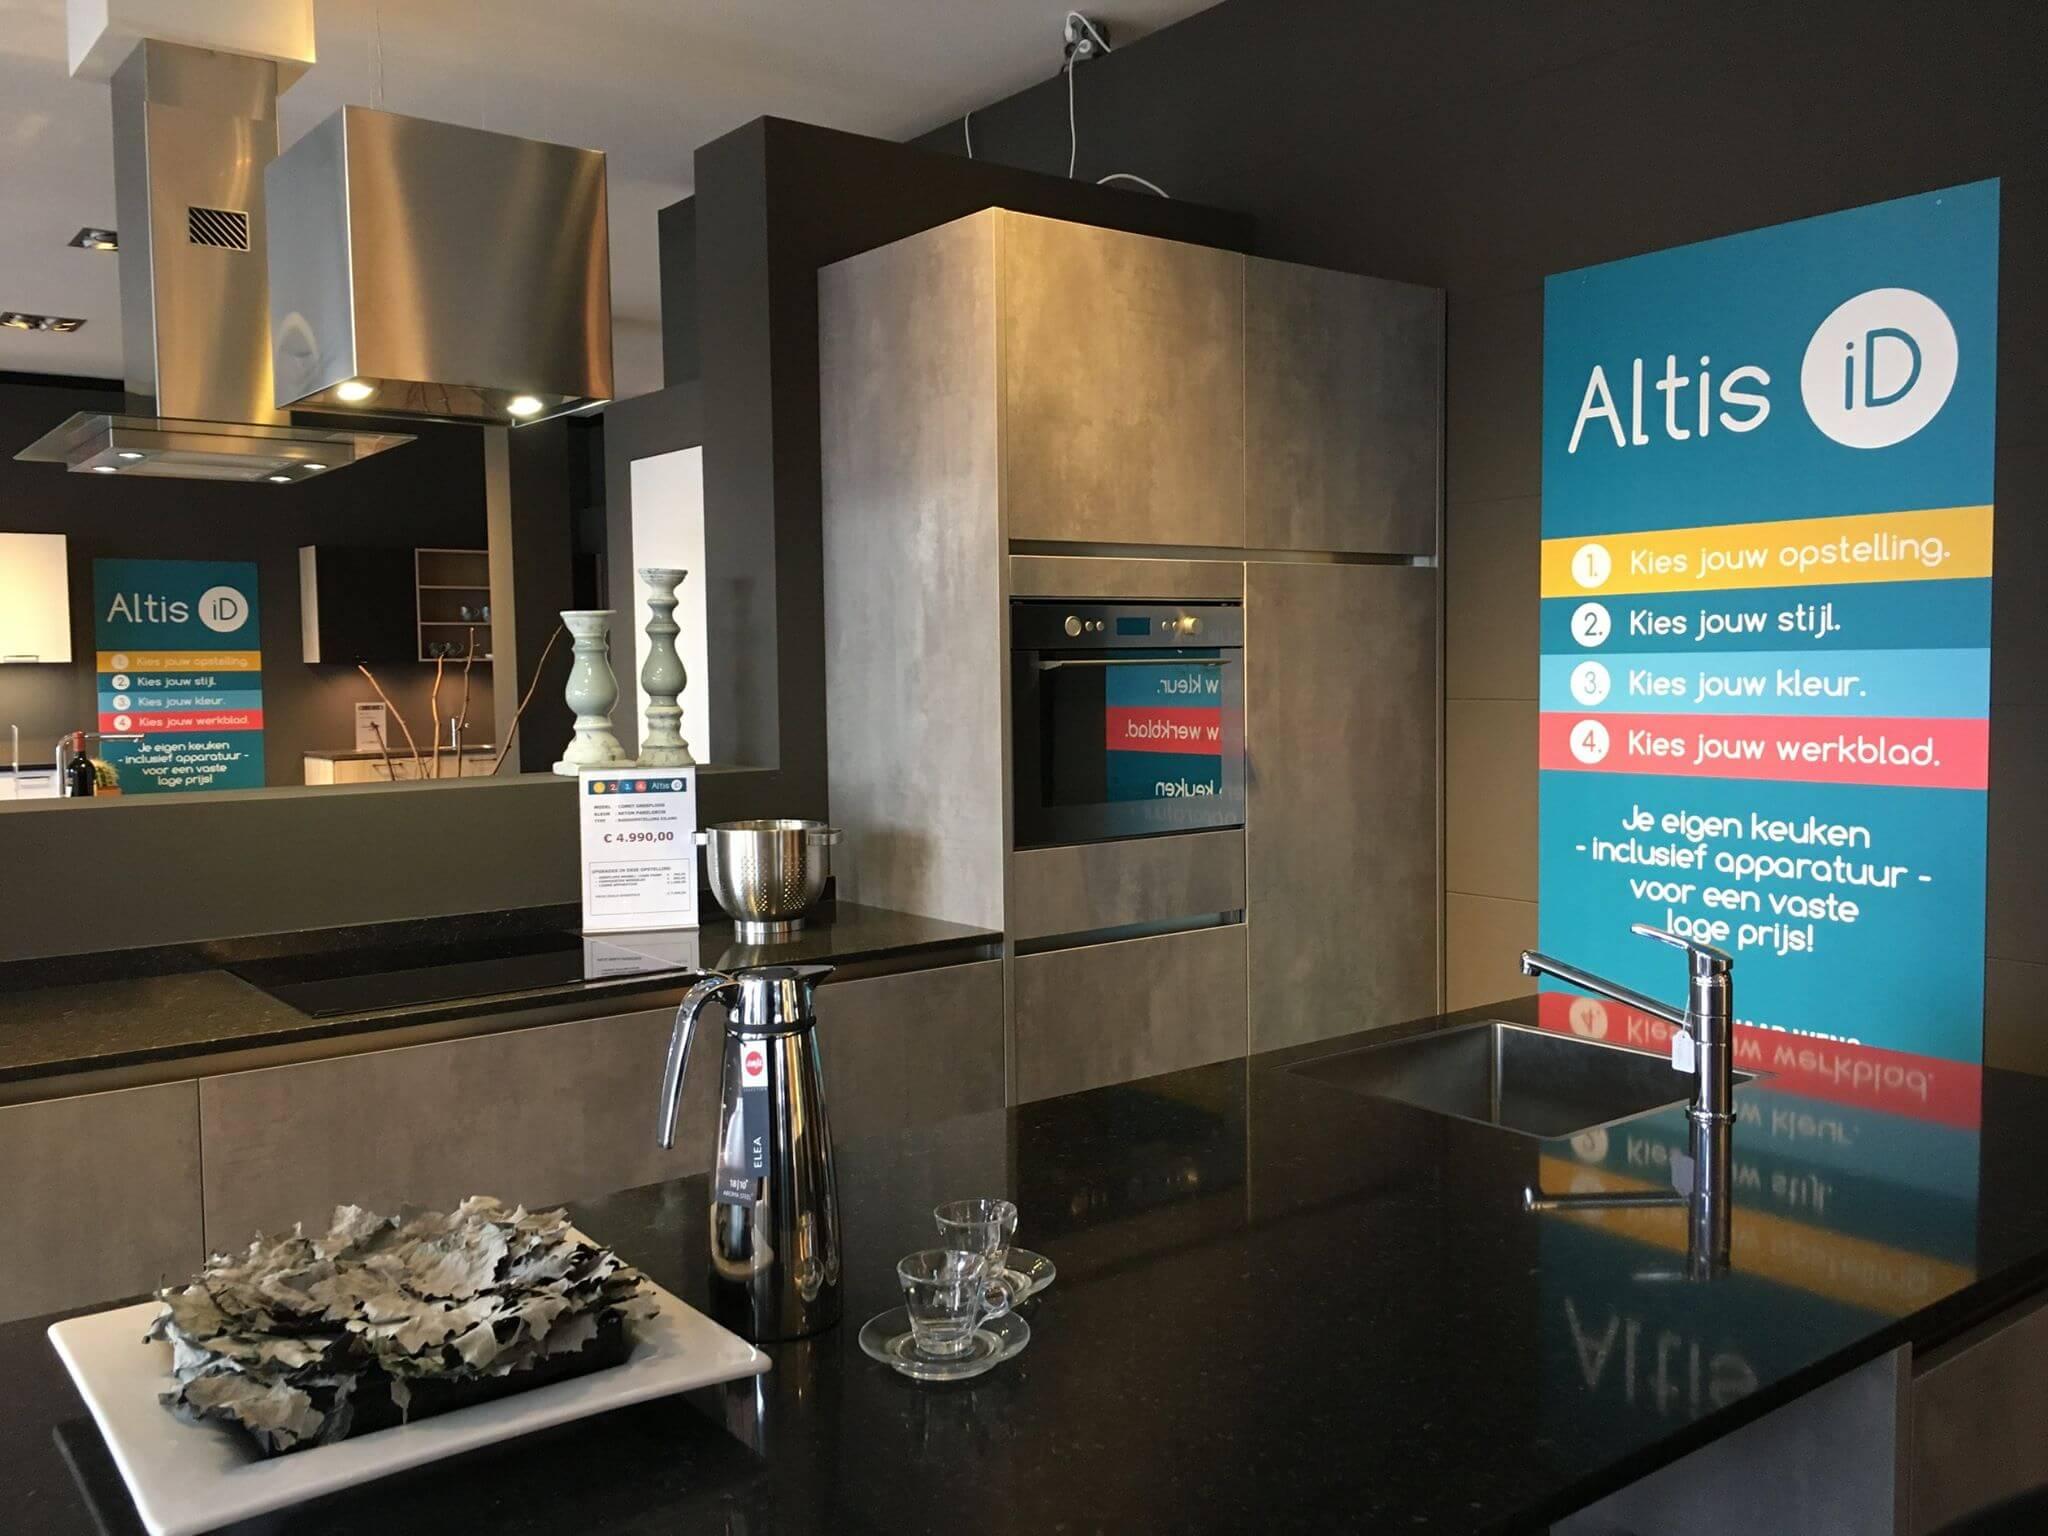 Altis Keukens Oss : Altis id keukens stefan van der heijden ontwerpt